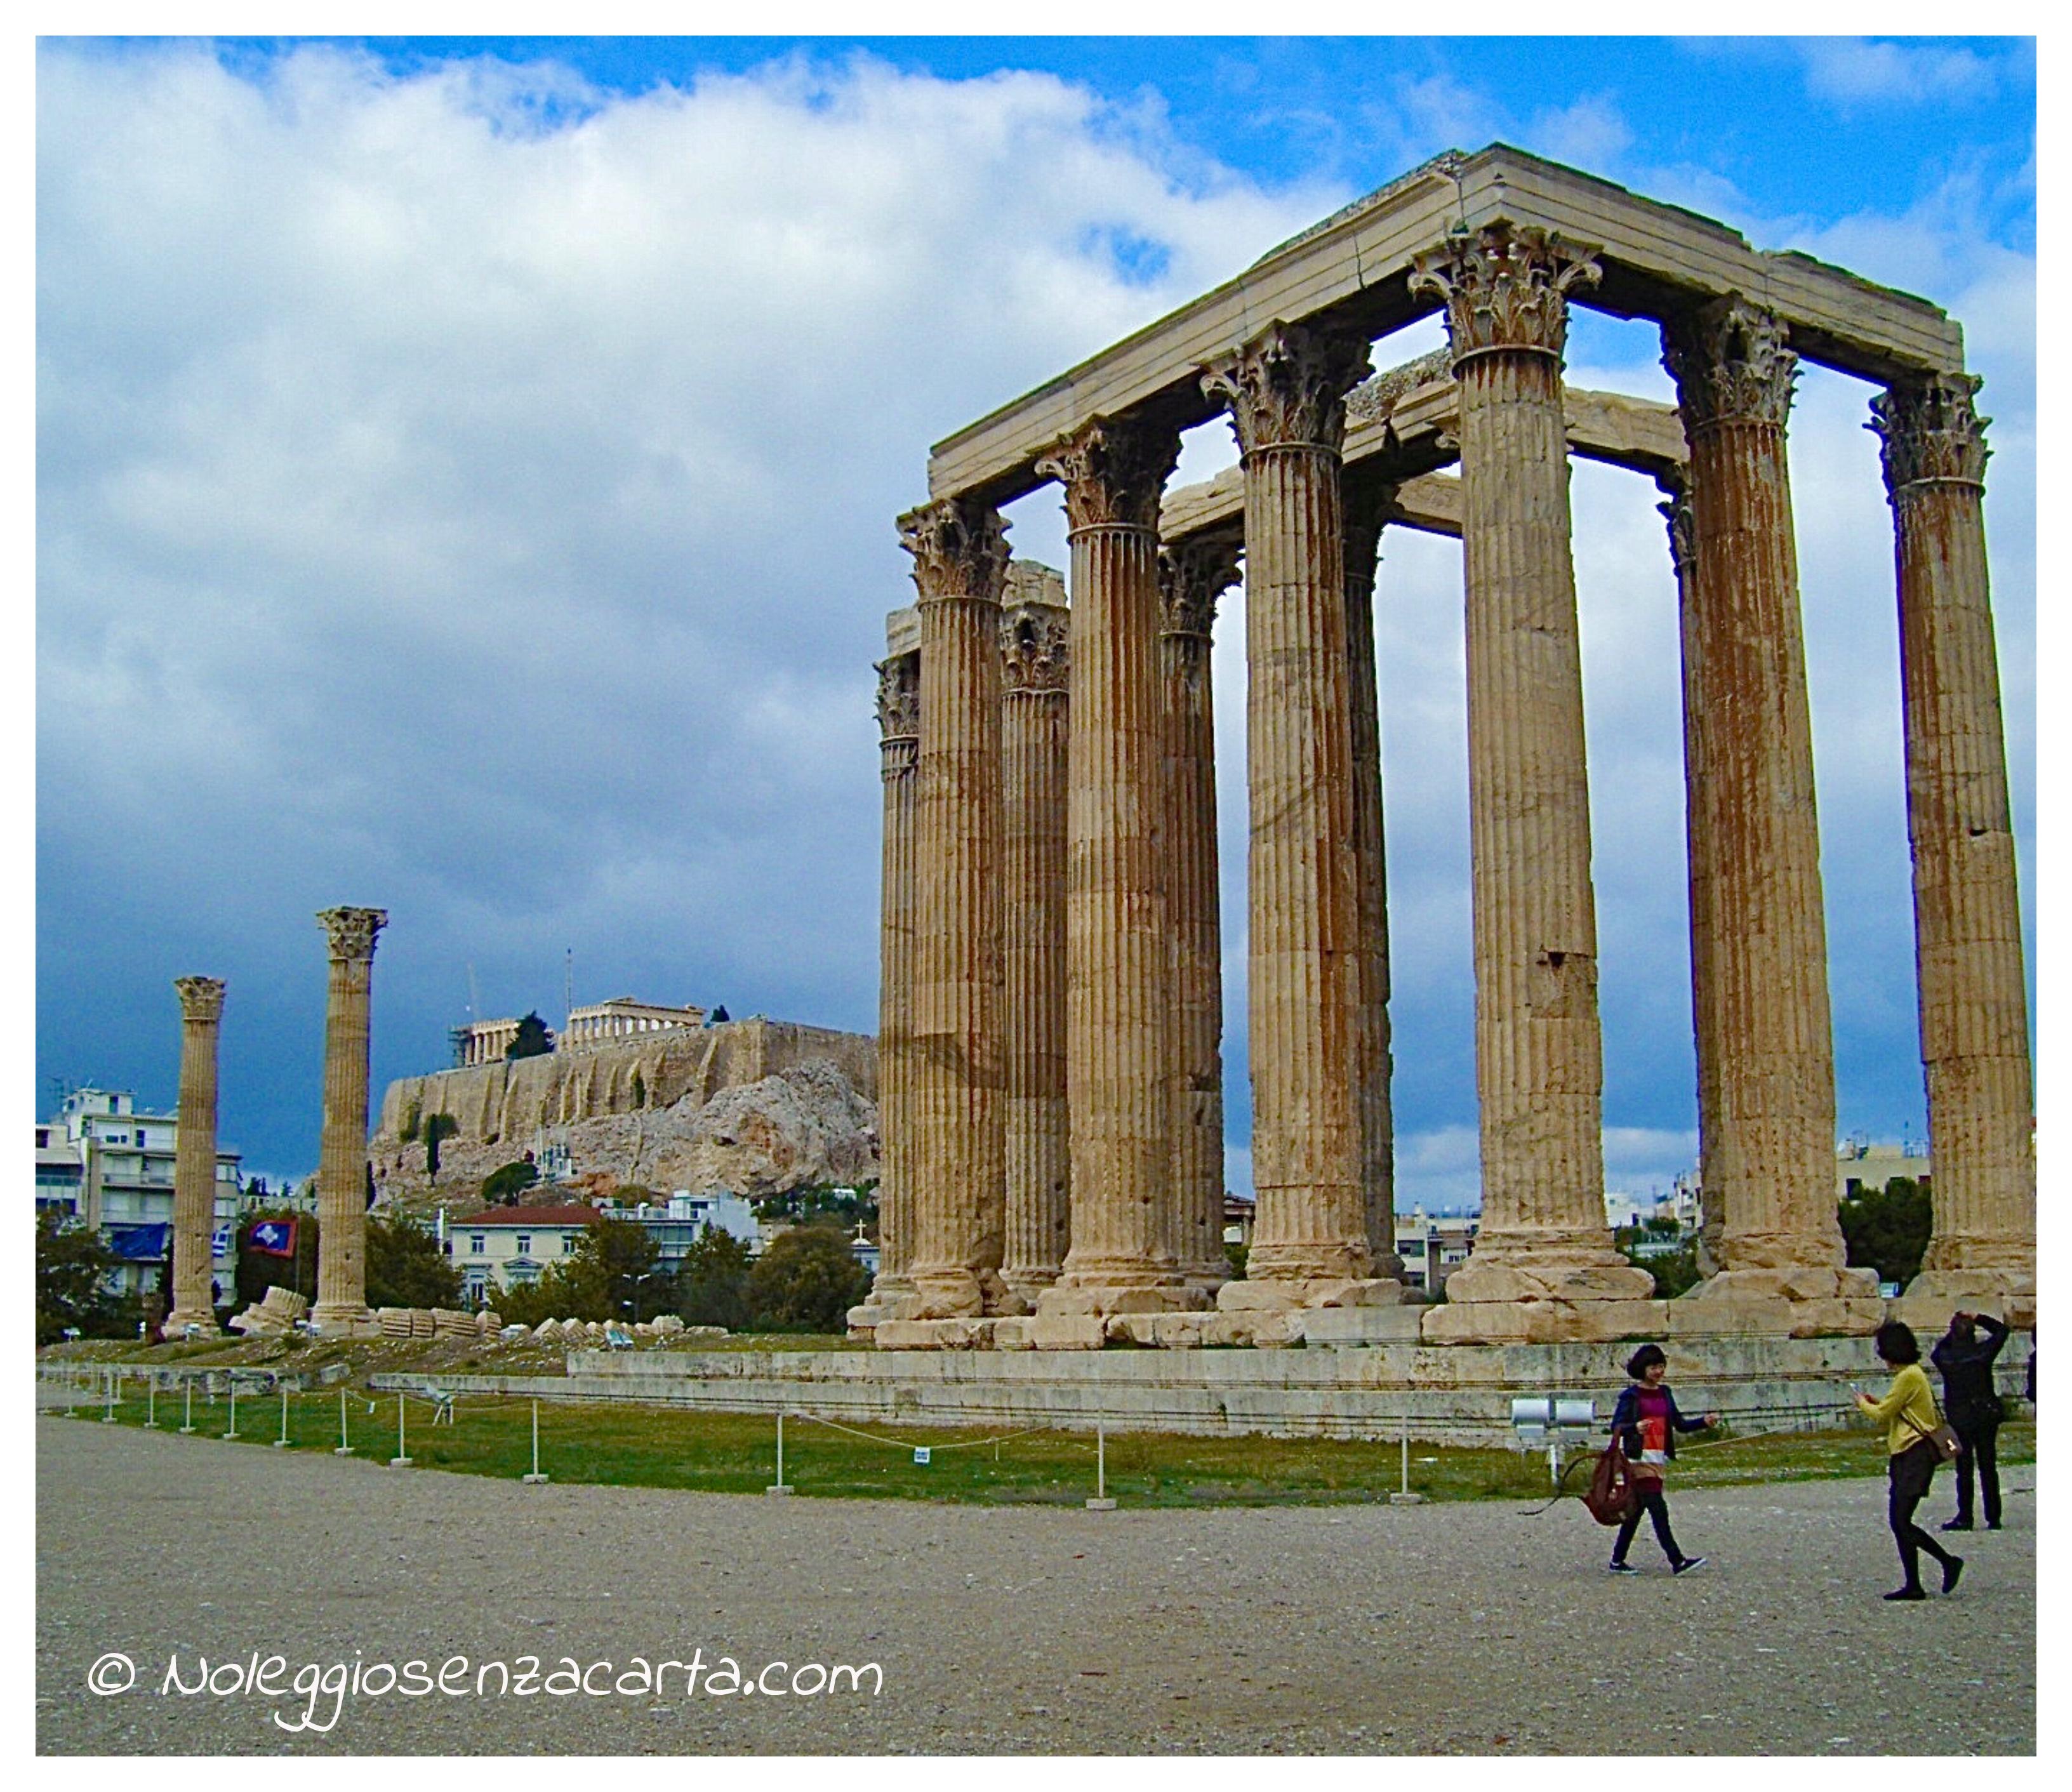 Alquiler coche Atenas sin tarjeta de crédito